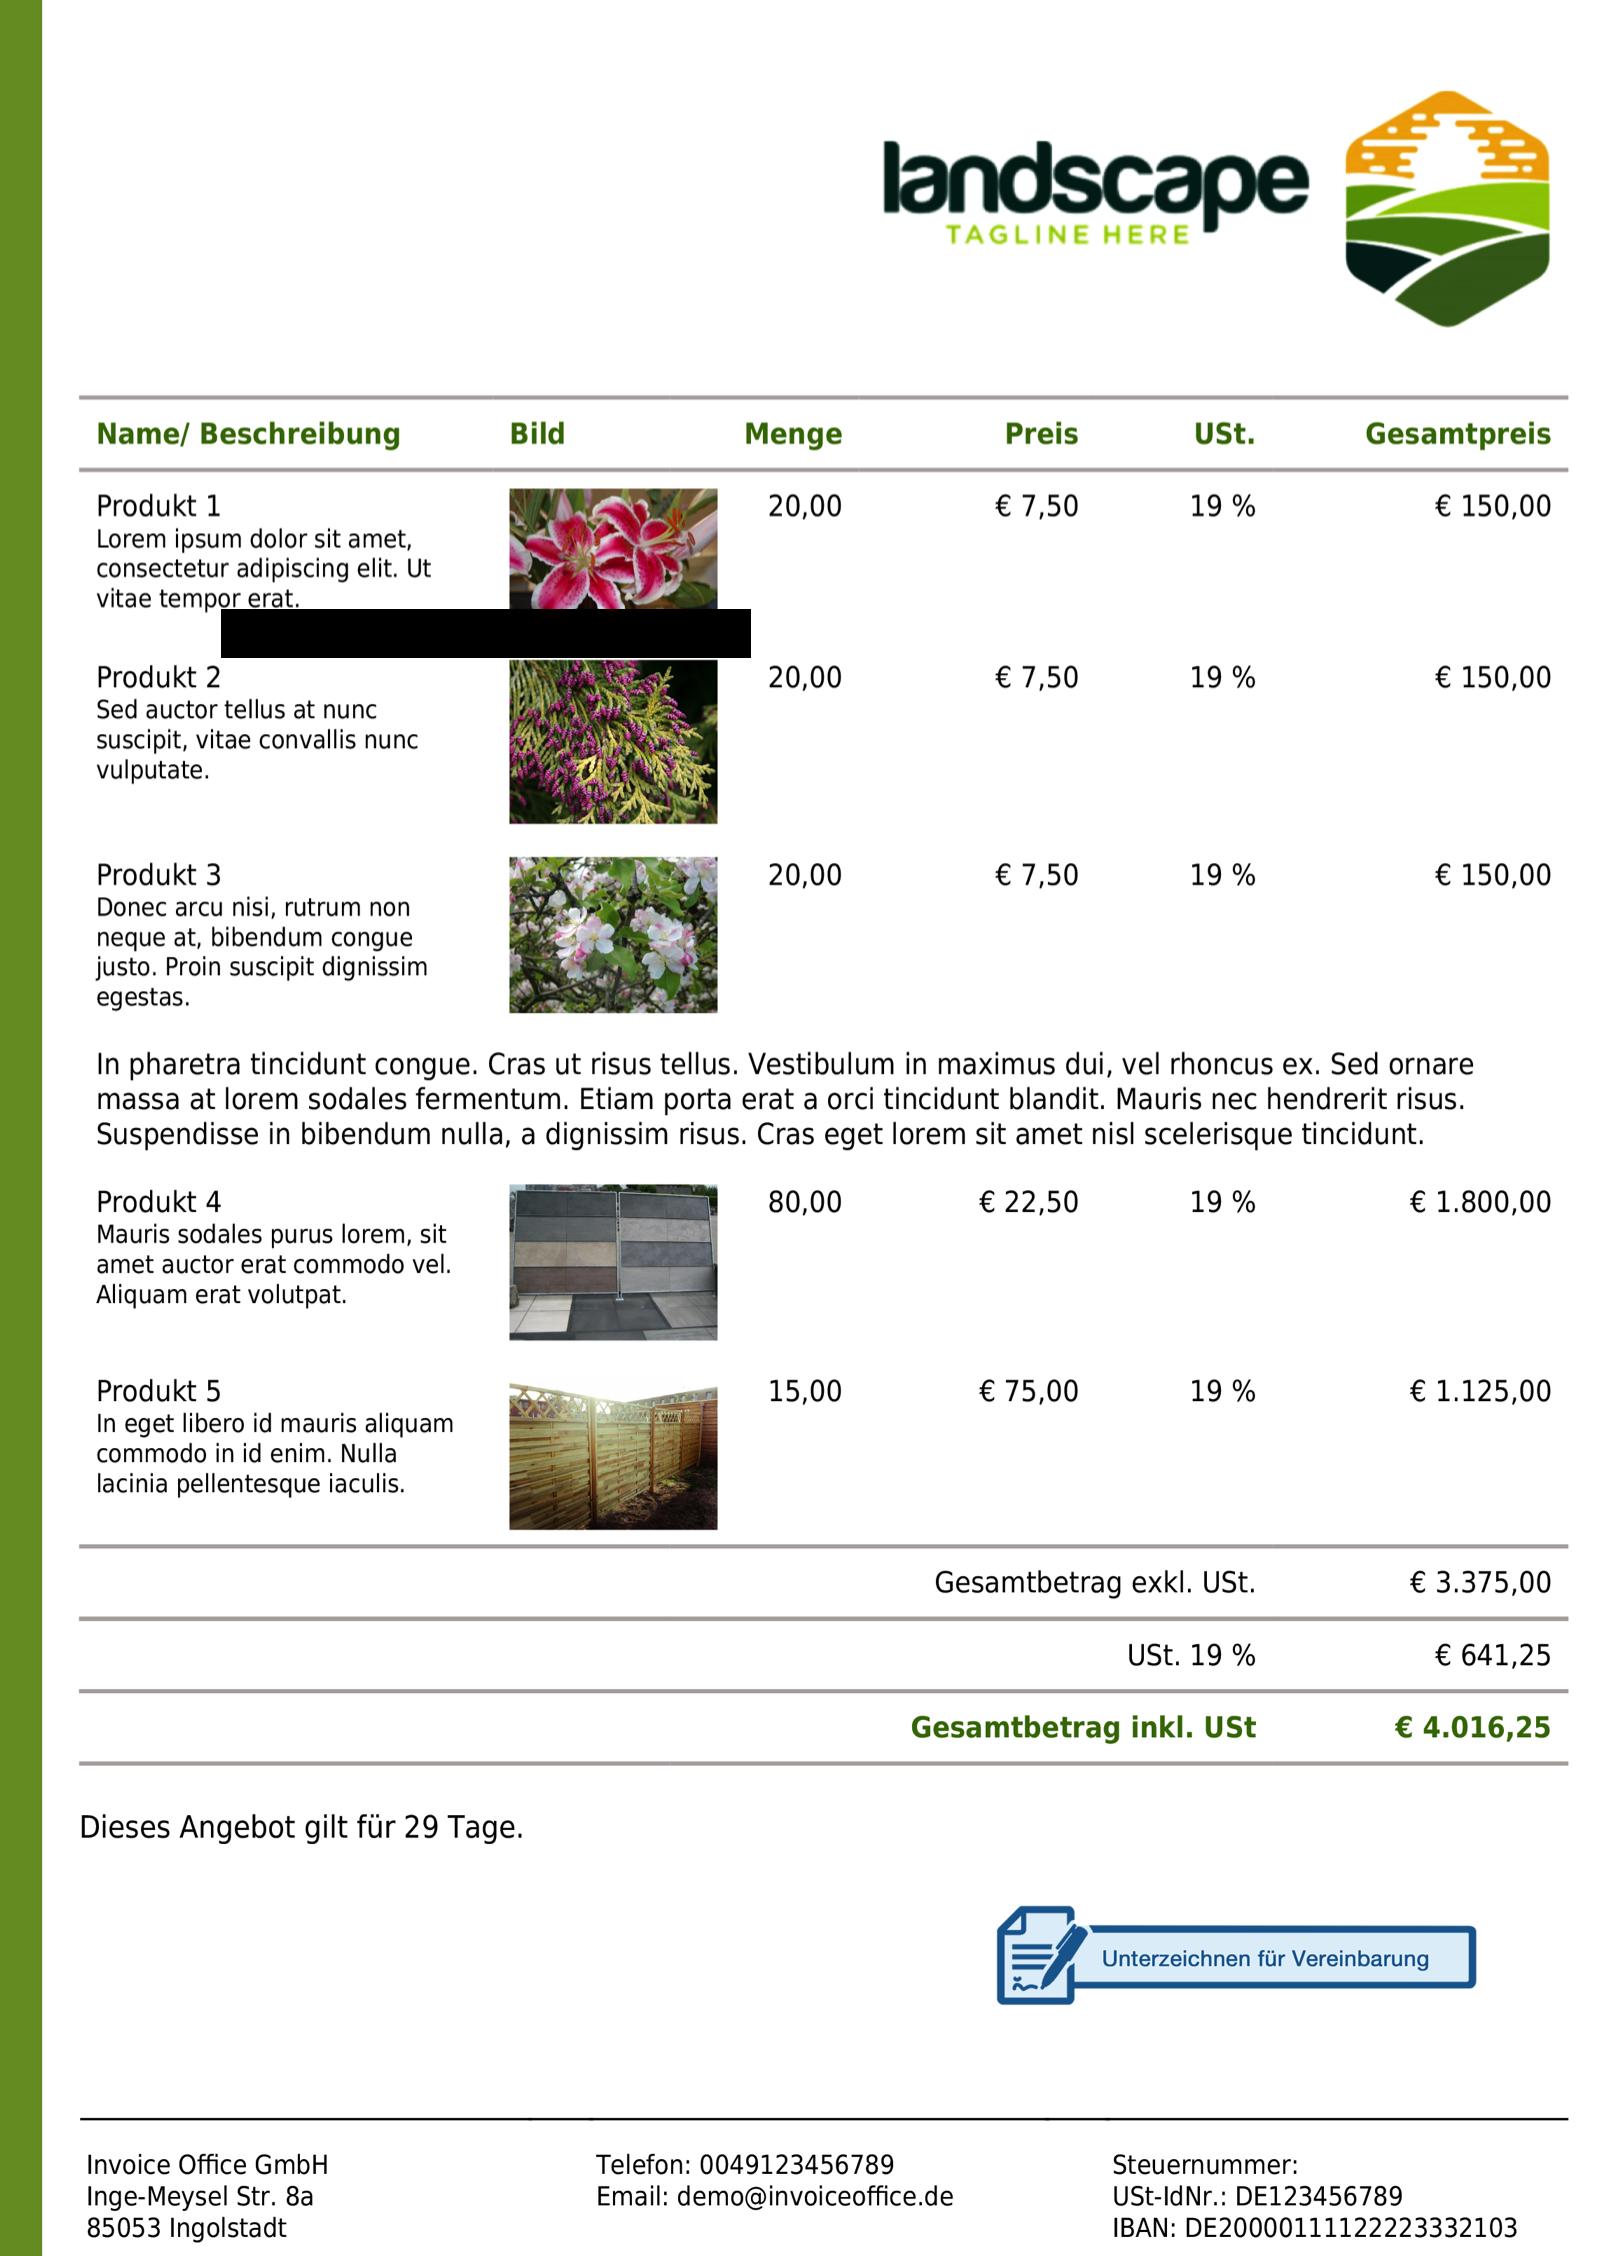 Beispiel Umfangreicher Angebotsinhalt mit Invoice Office